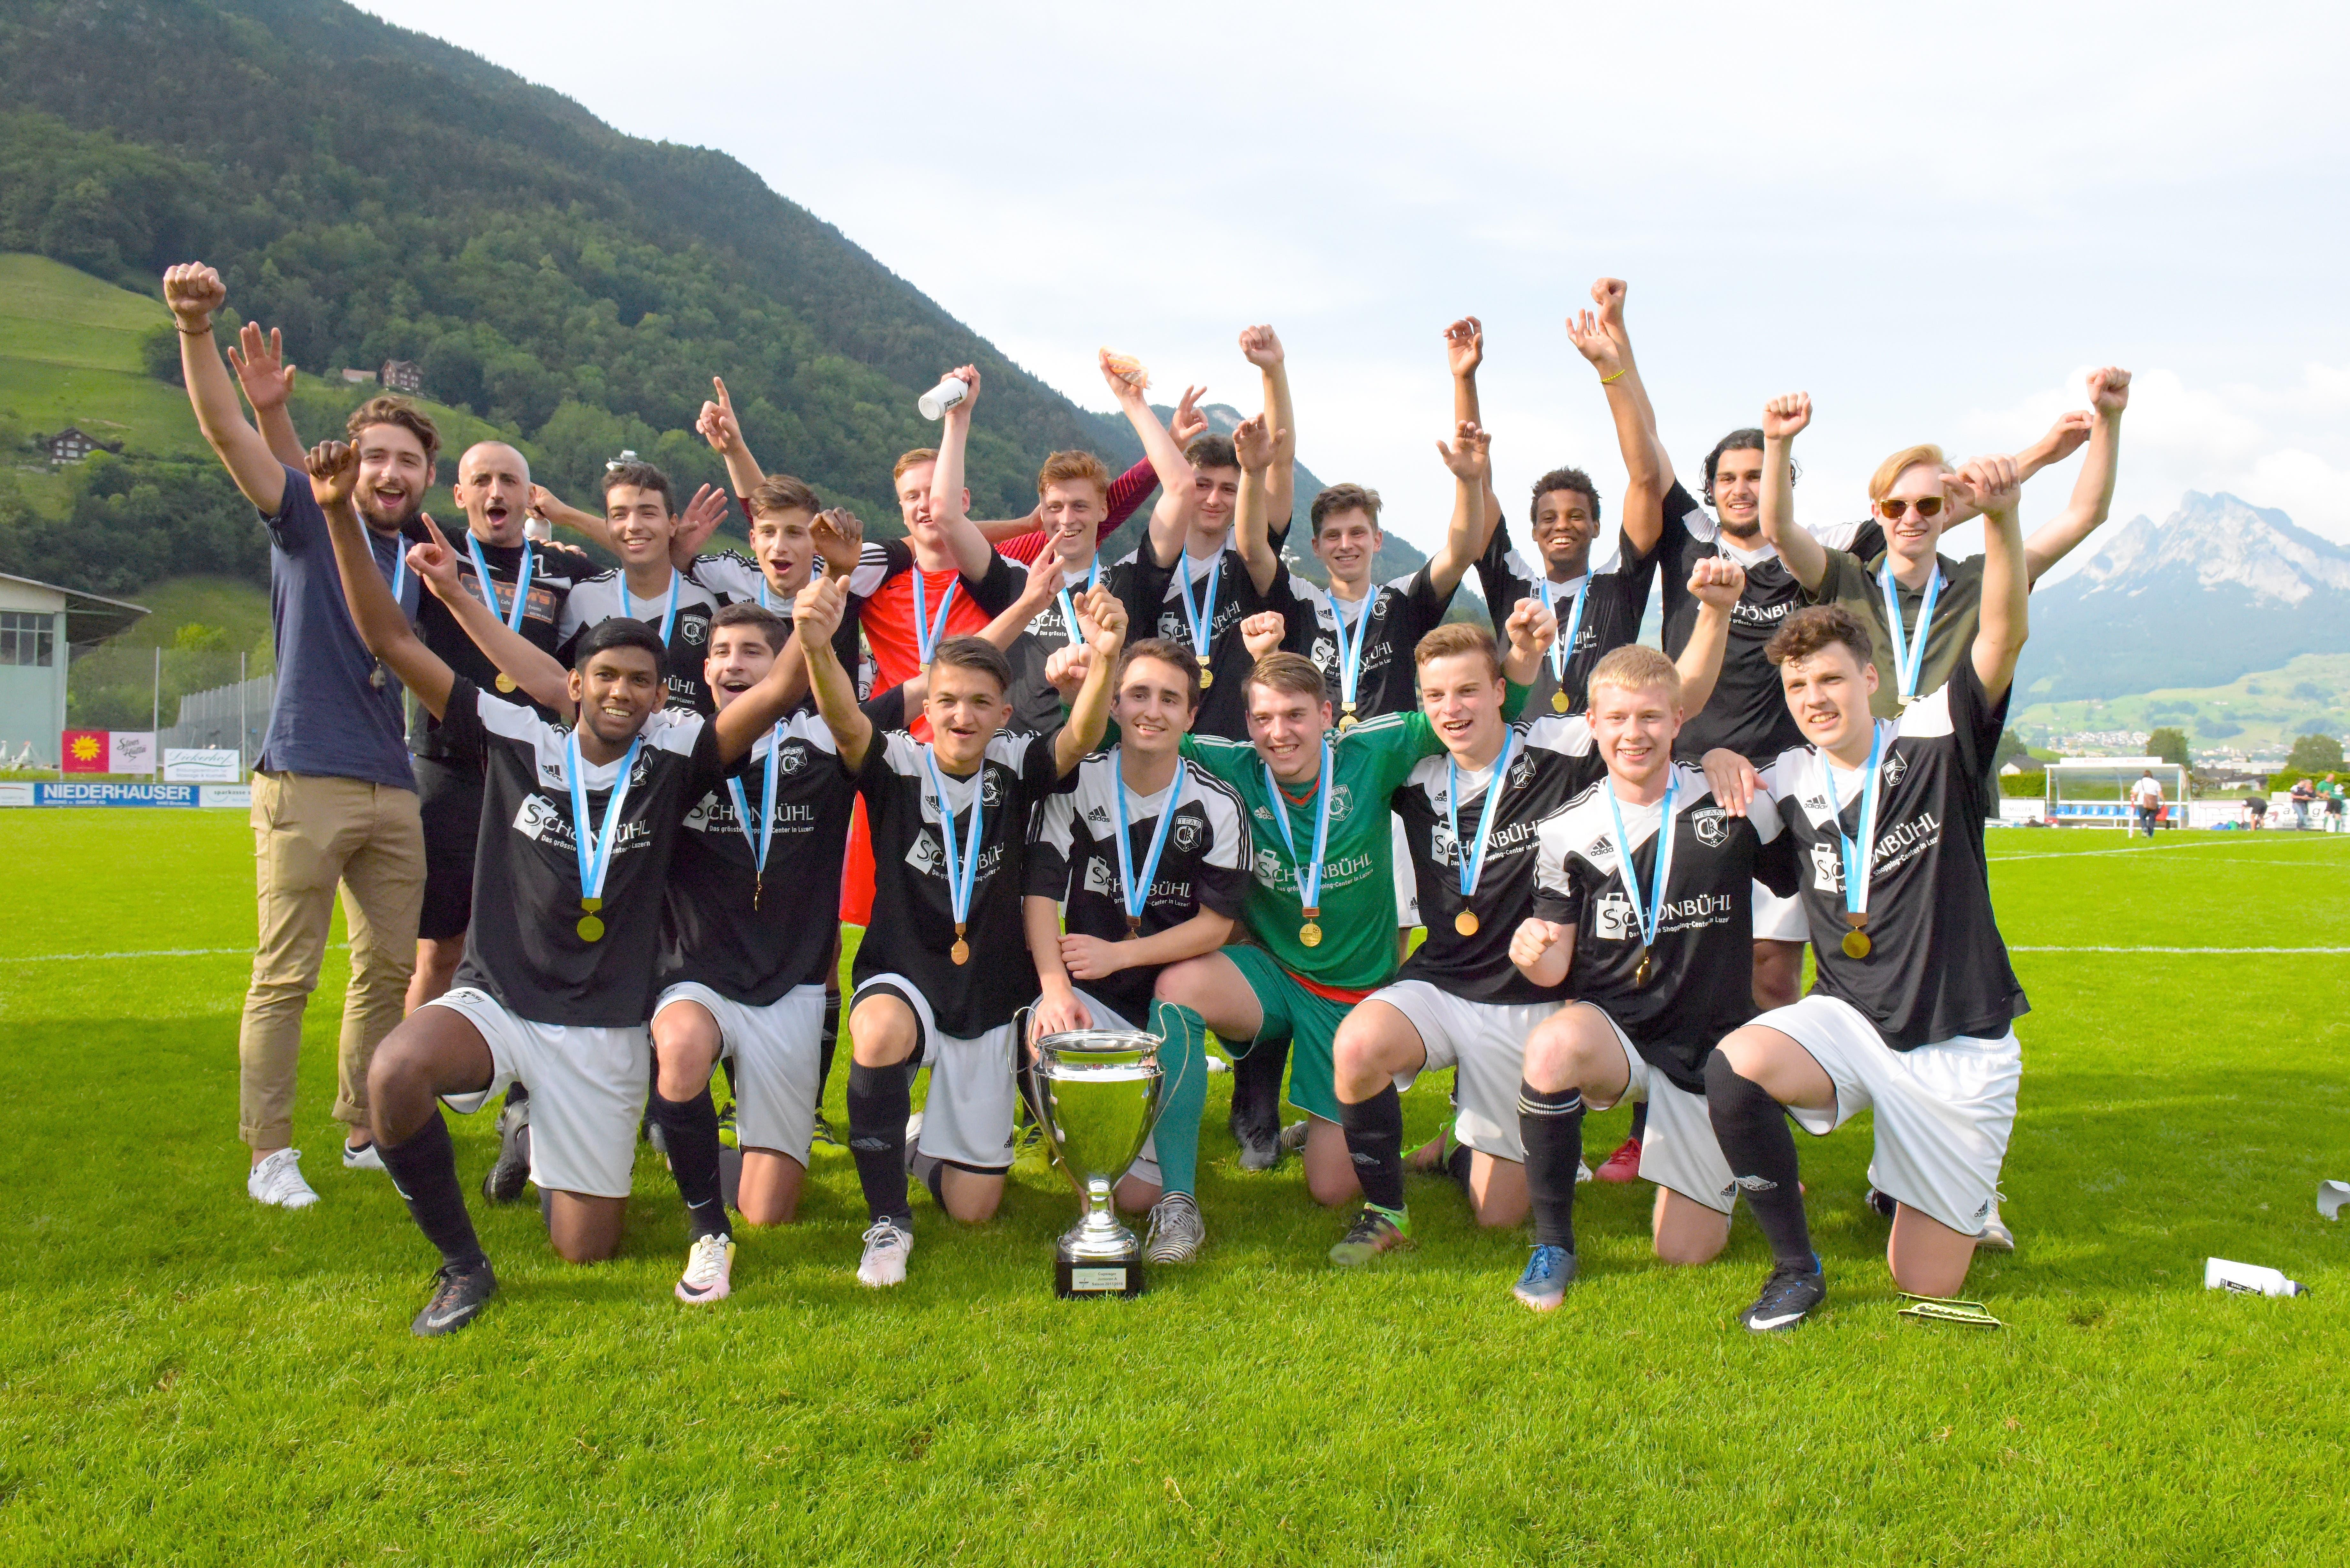 Die siegreichen A-Junioren des Teams Obergeissenstein/Kickers. (Bild: Michael Wyss (Brunnen, 31. Mai 2018))